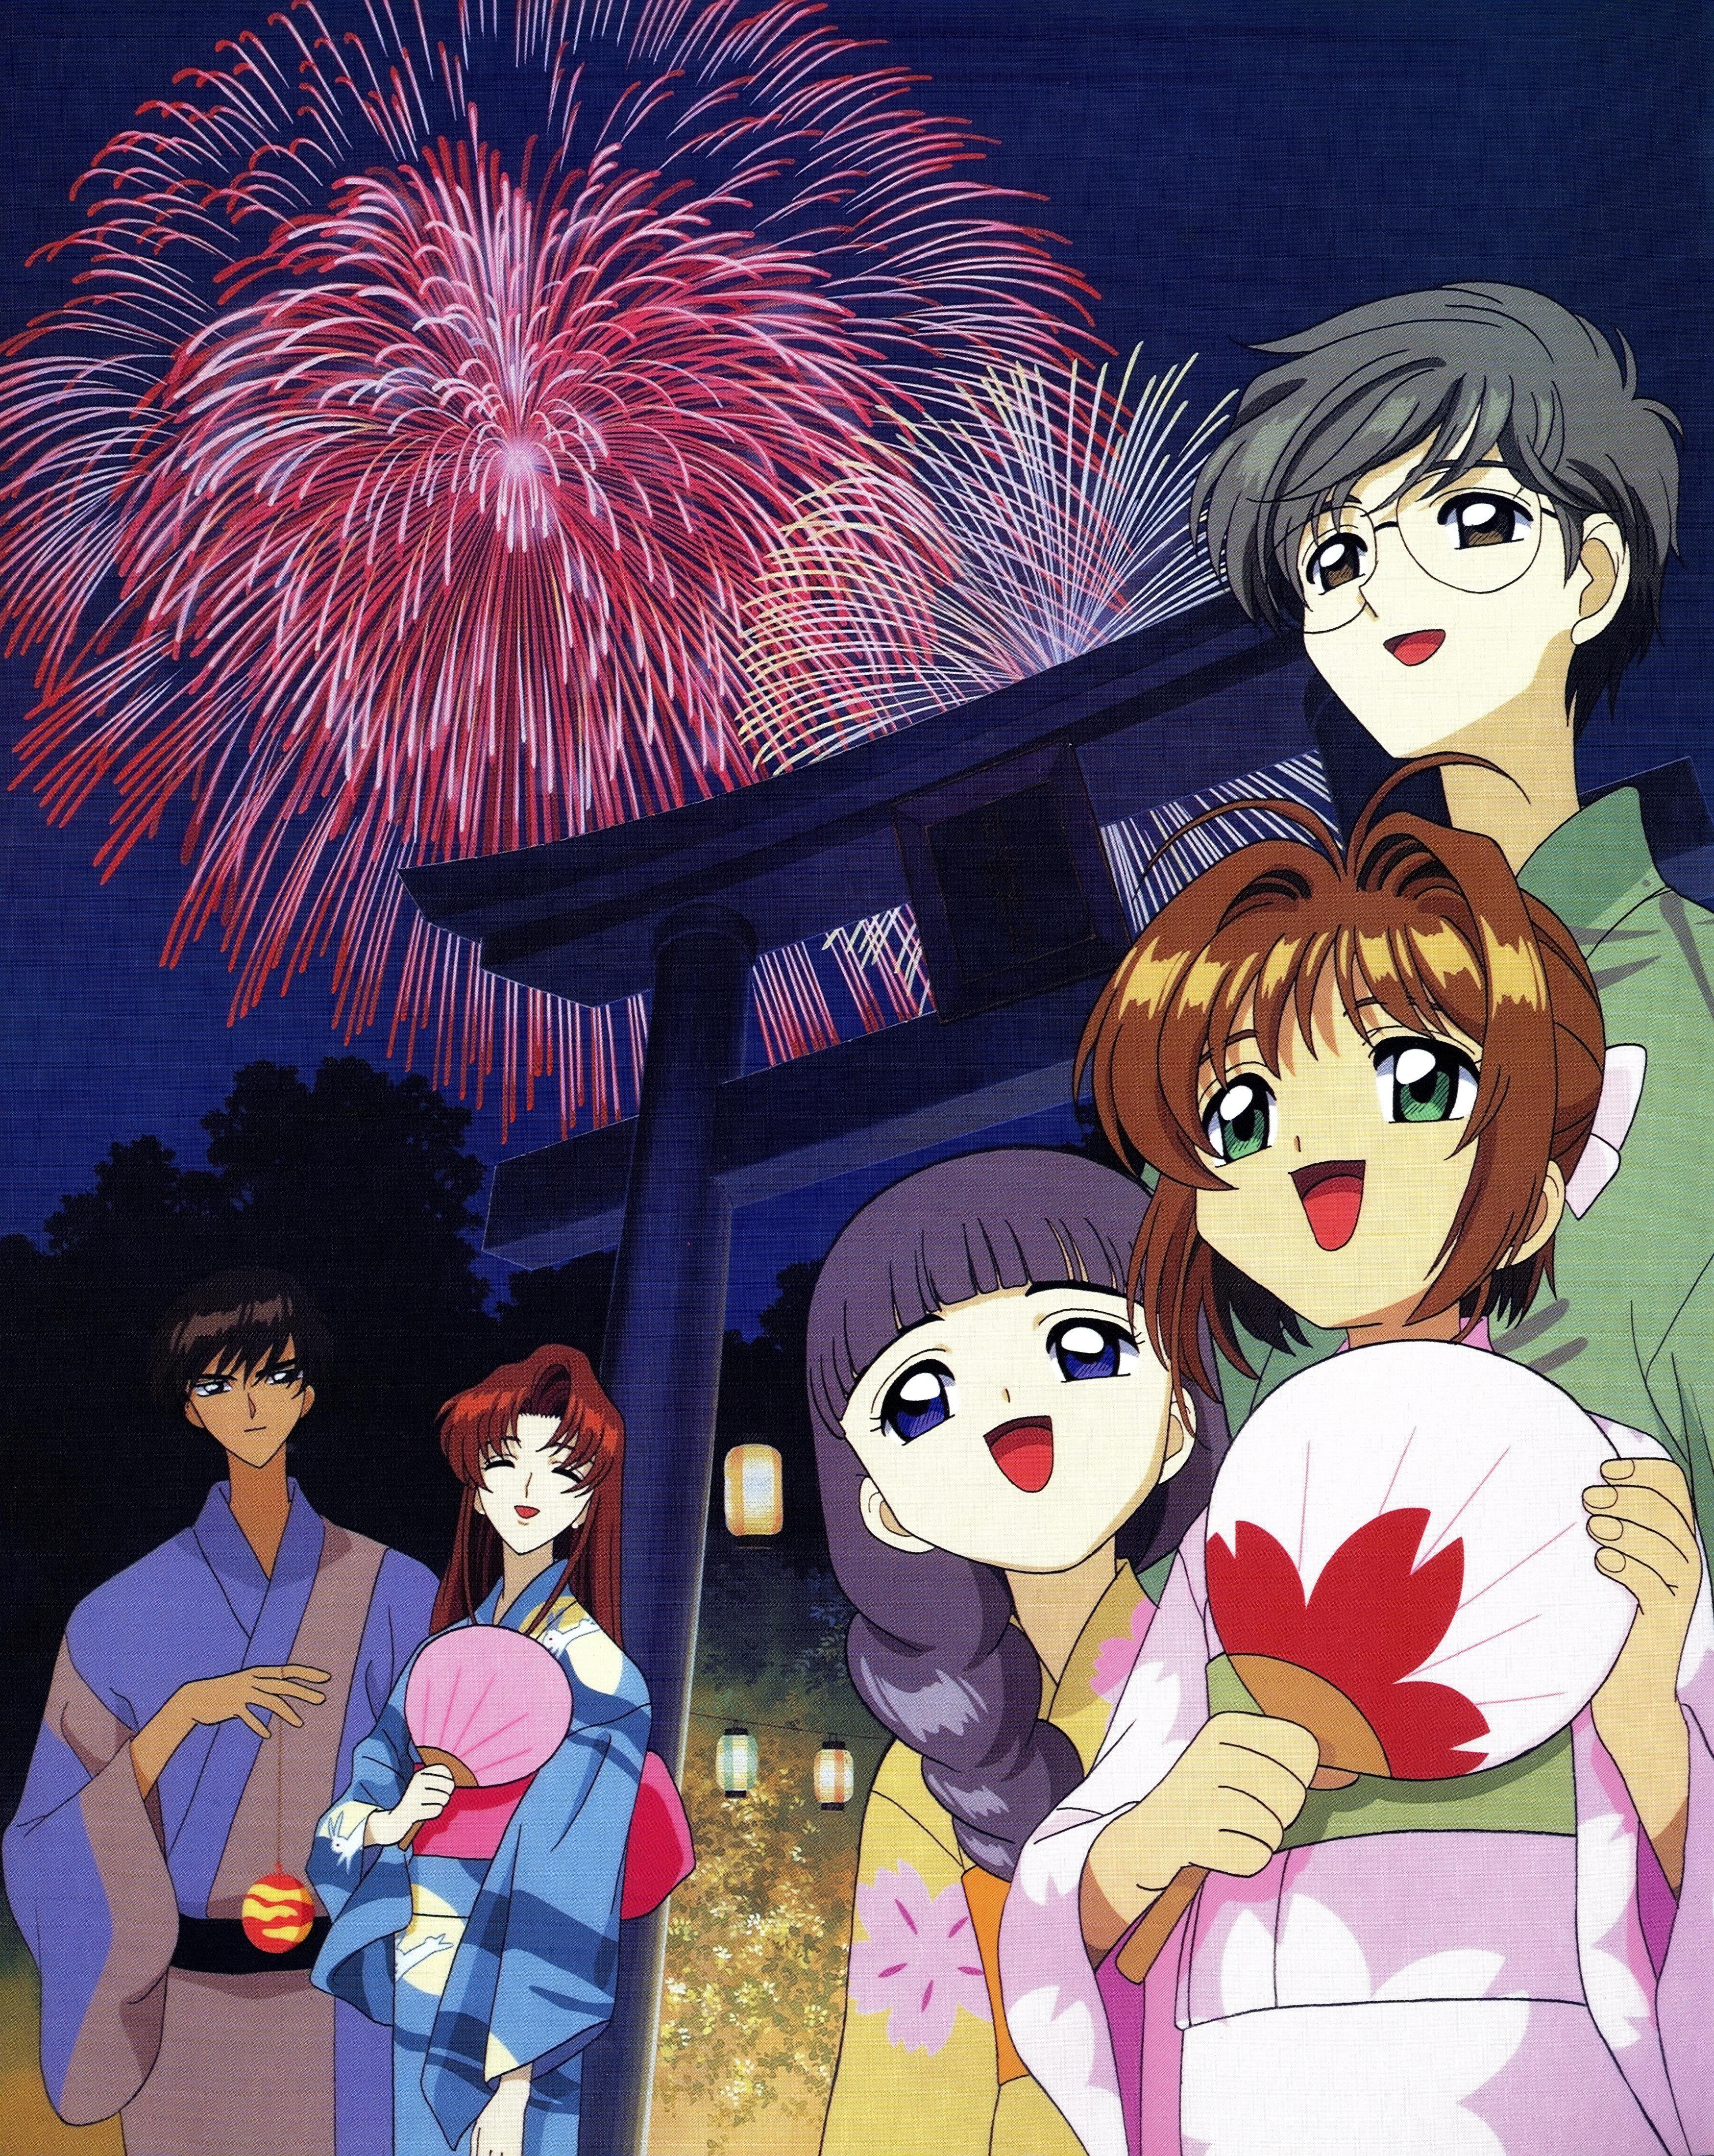 Touya, Kaho, Tomoyo, Sakura et Yukito